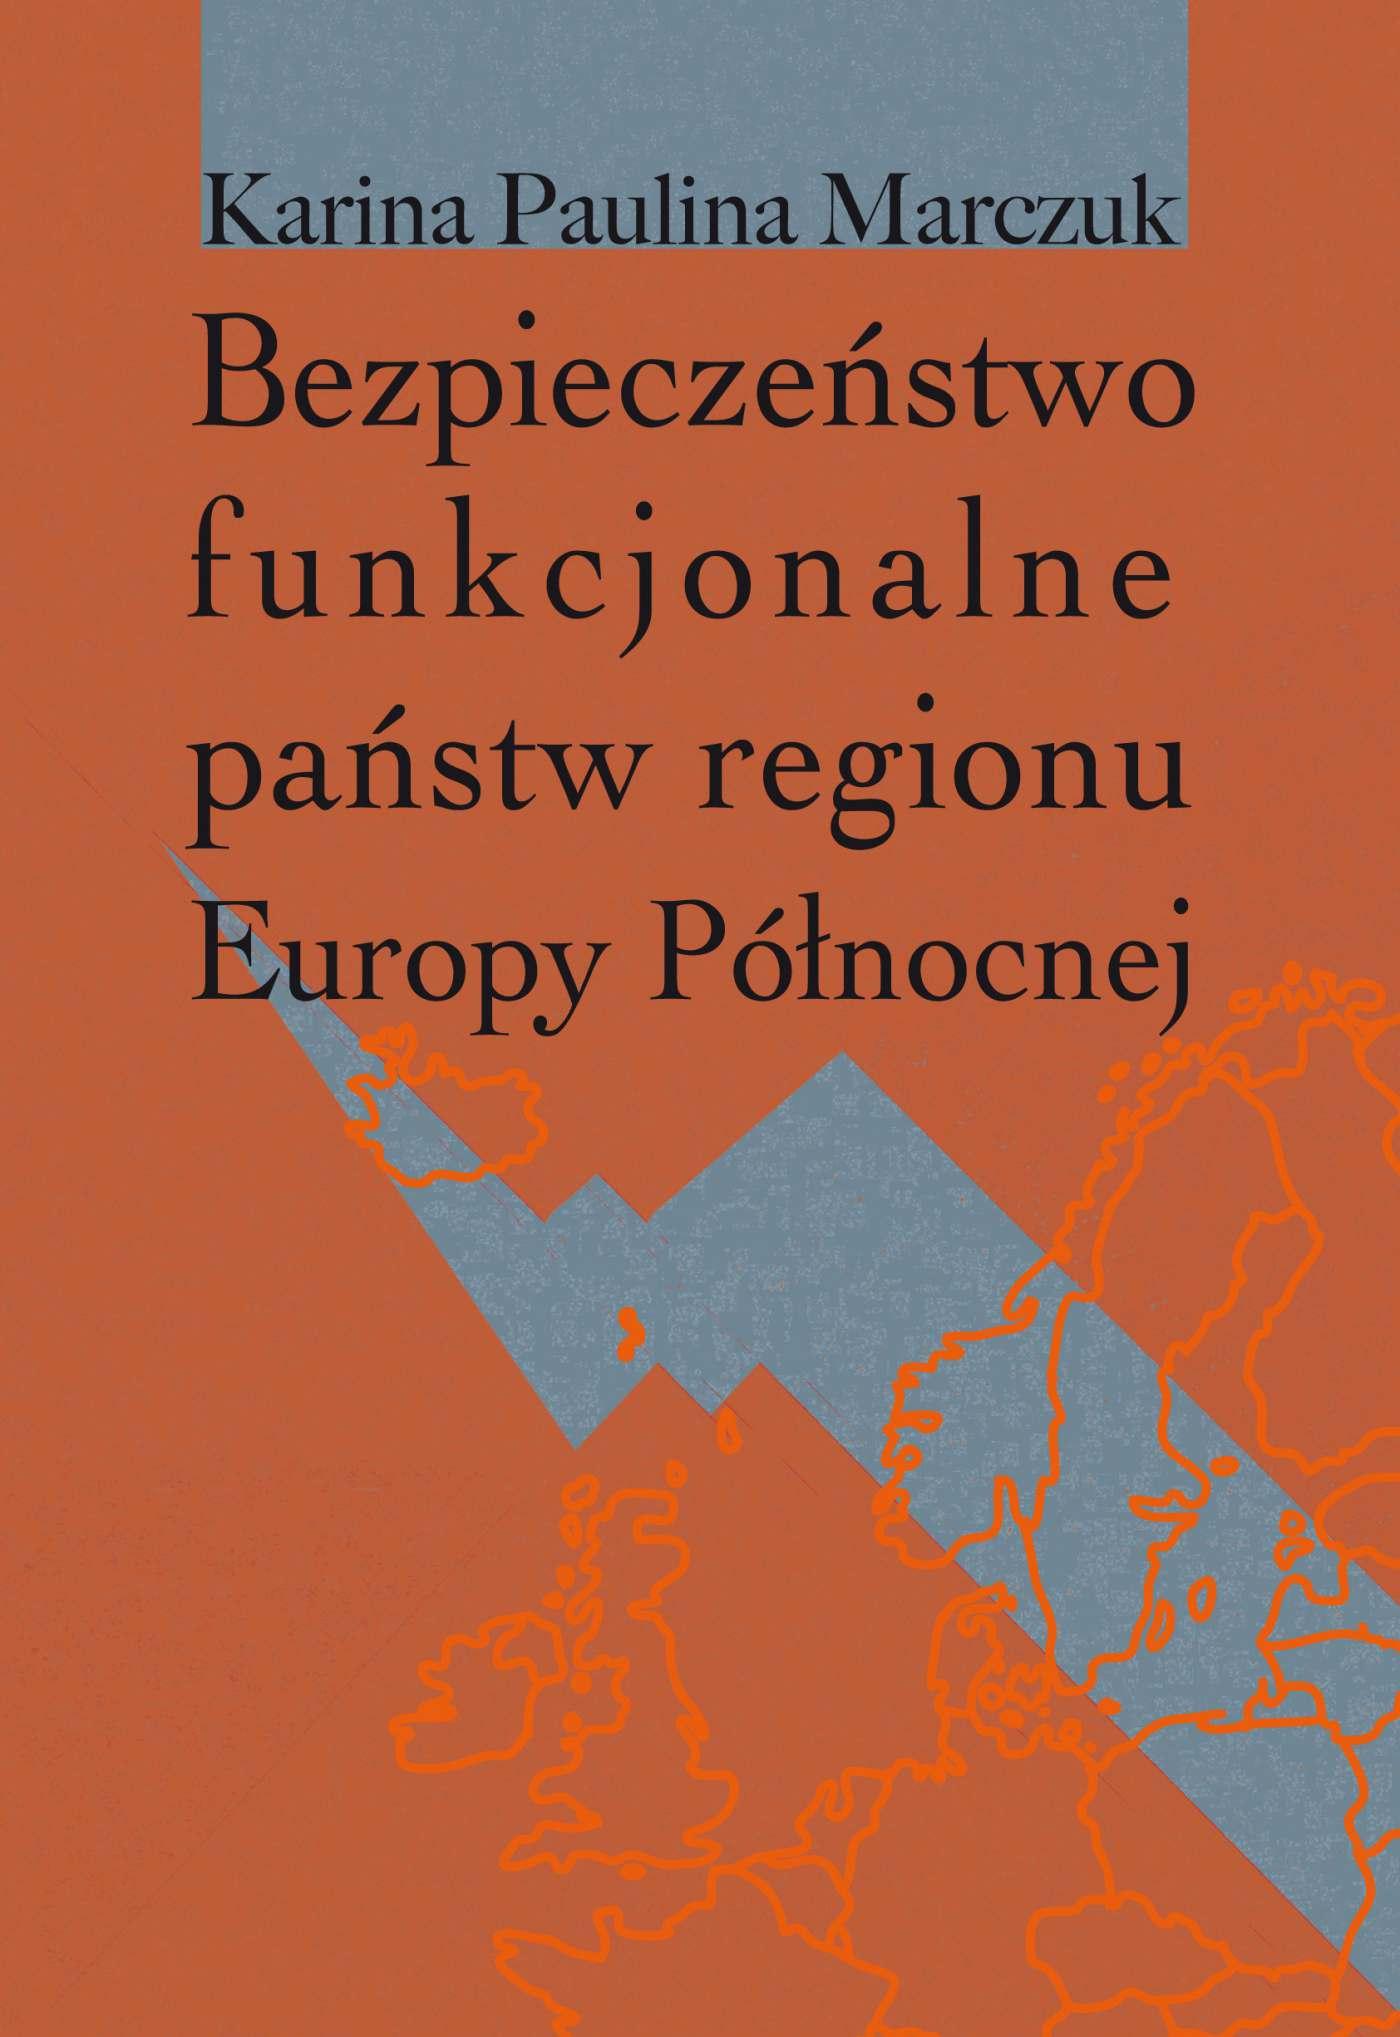 Bezpieczeństwo funkcjonalne państw regionu Europy Północnej - Ebook (Książka PDF) do pobrania w formacie PDF